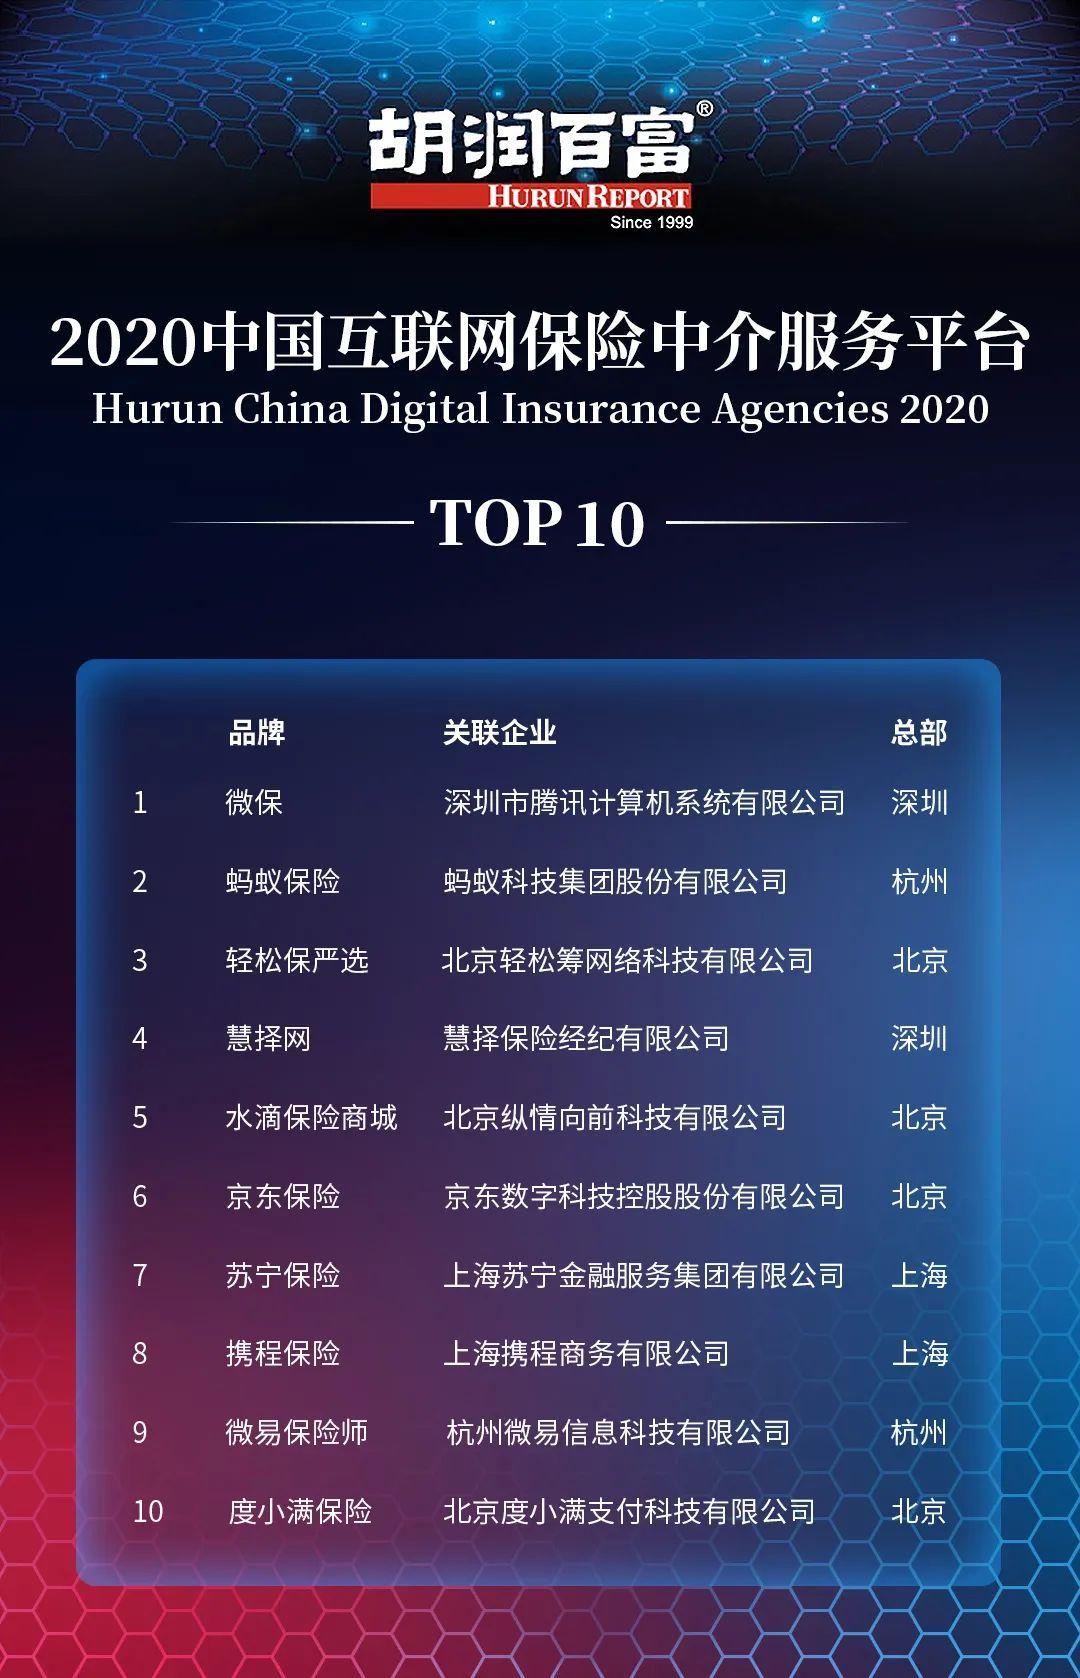 腾讯第一、蚂蚁第二,中国互联网保险中介格局已定?